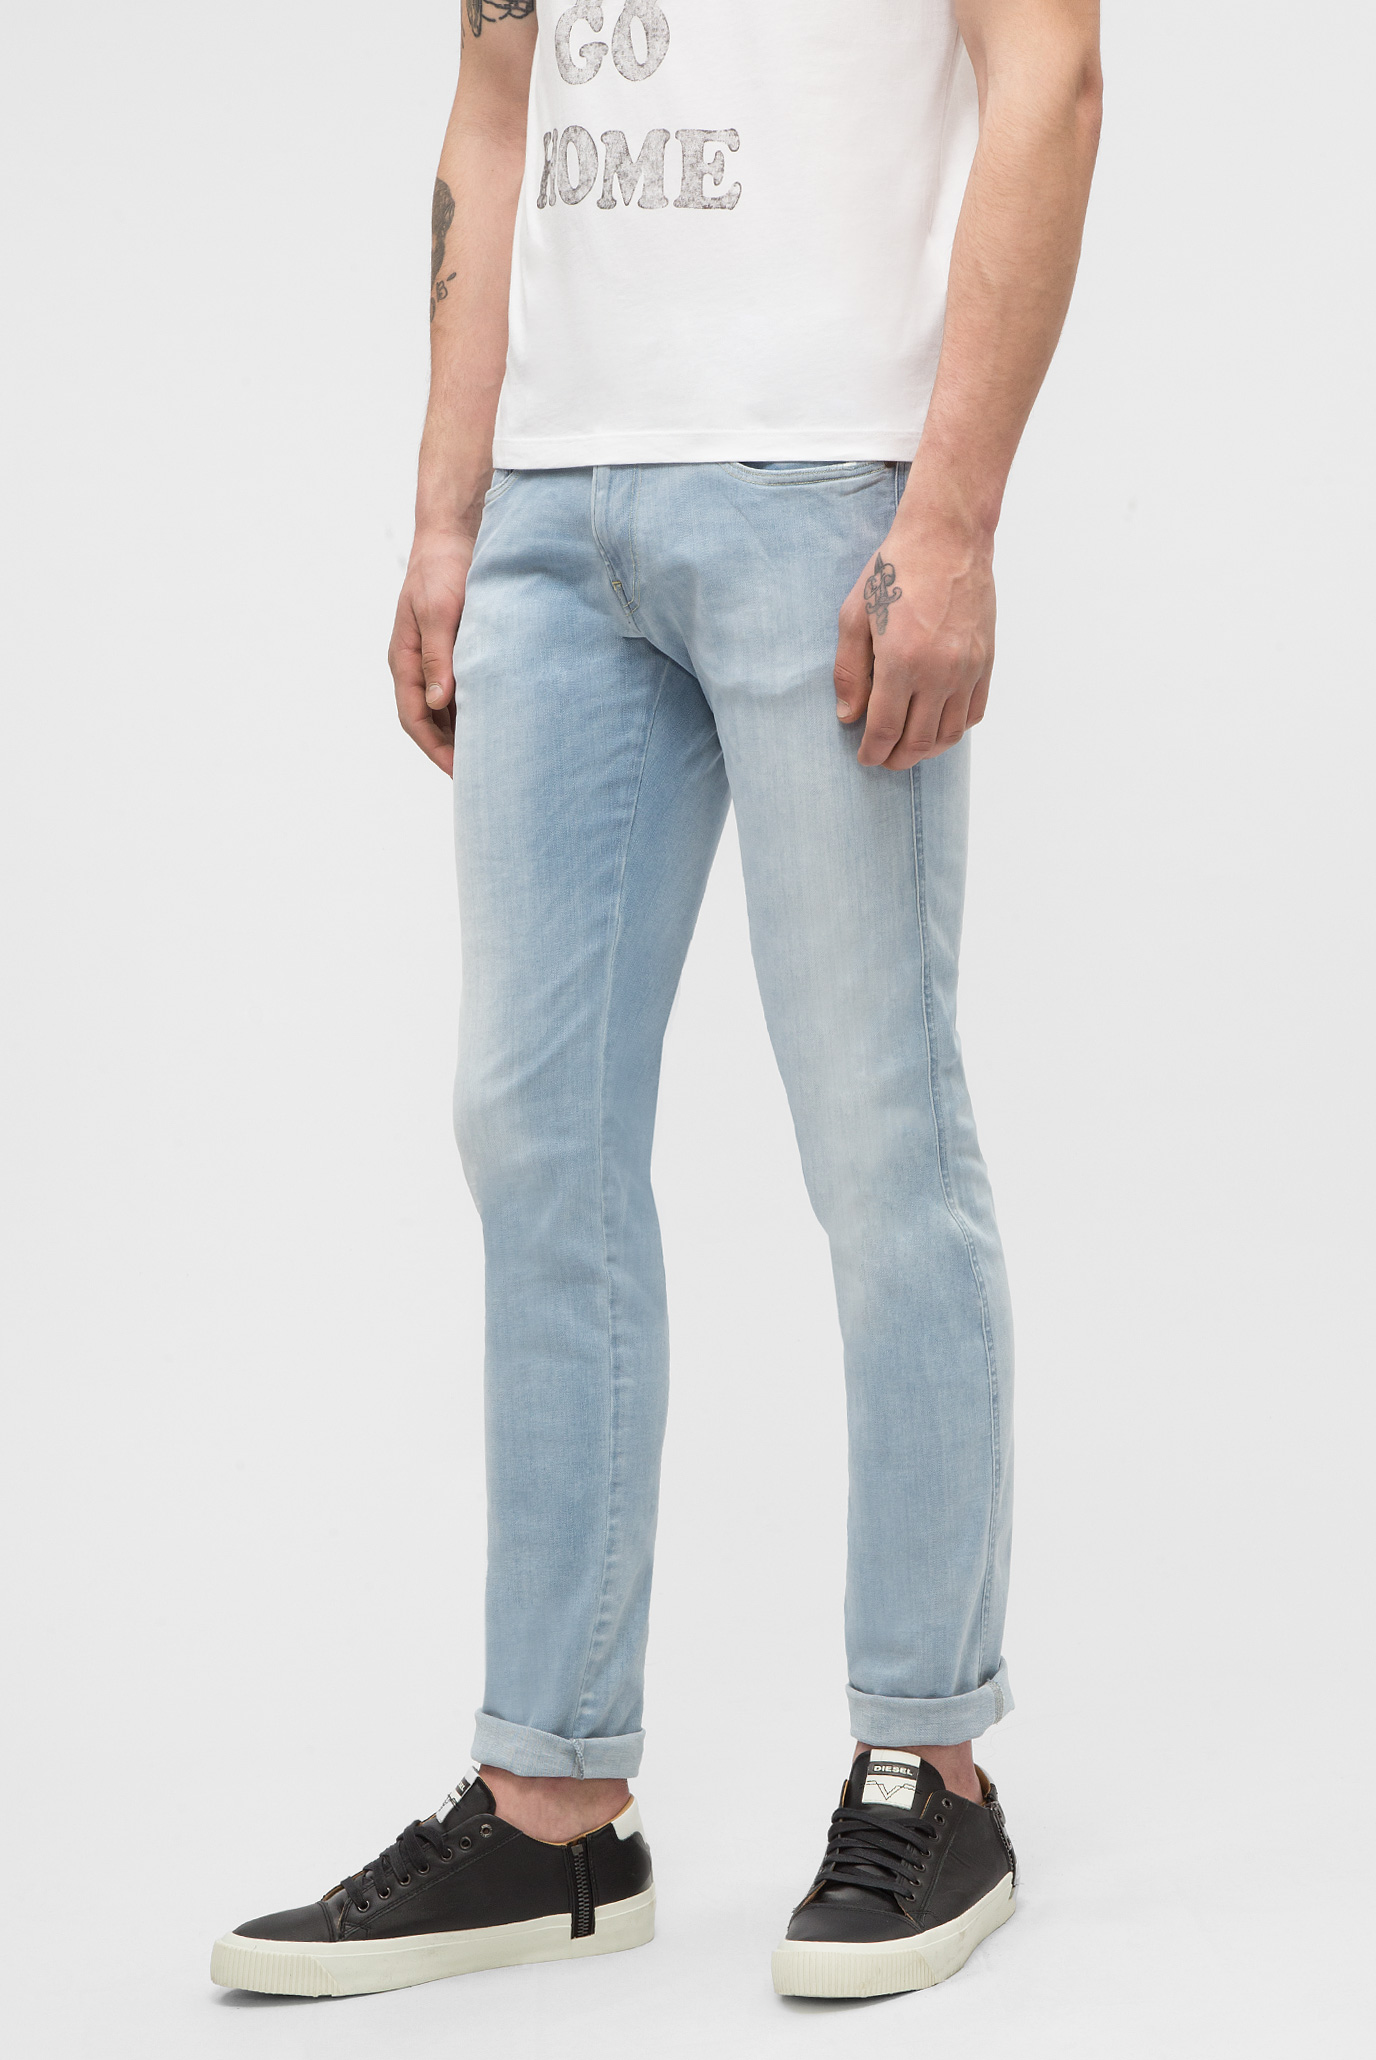 Купить Мужские голубые джинсы ANBASS Replay Replay M914  .000.661 035 – Киев, Украина. Цены в интернет магазине MD Fashion